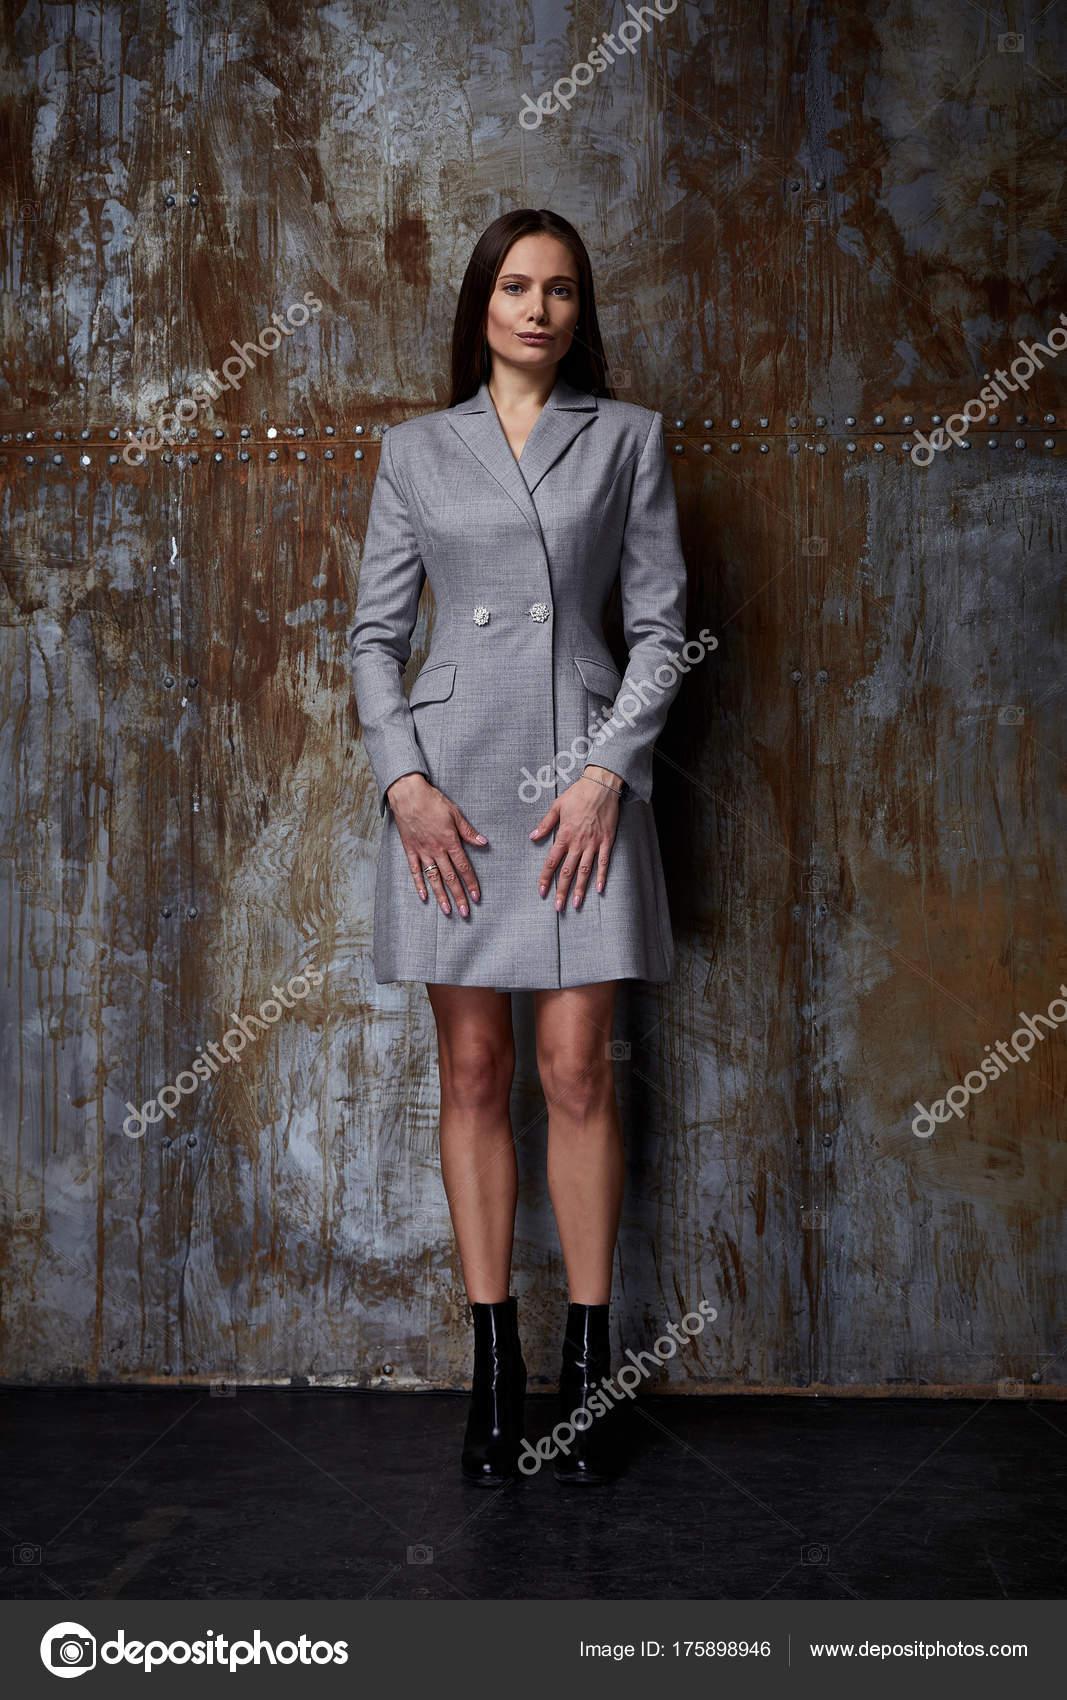 dbfec1edeb1e Мода модель позировать для каталог осень коллекции дизайнер одежды  повседневные платья длинные серые офис партии ходьбы совещание довольно  красоты женщина ...